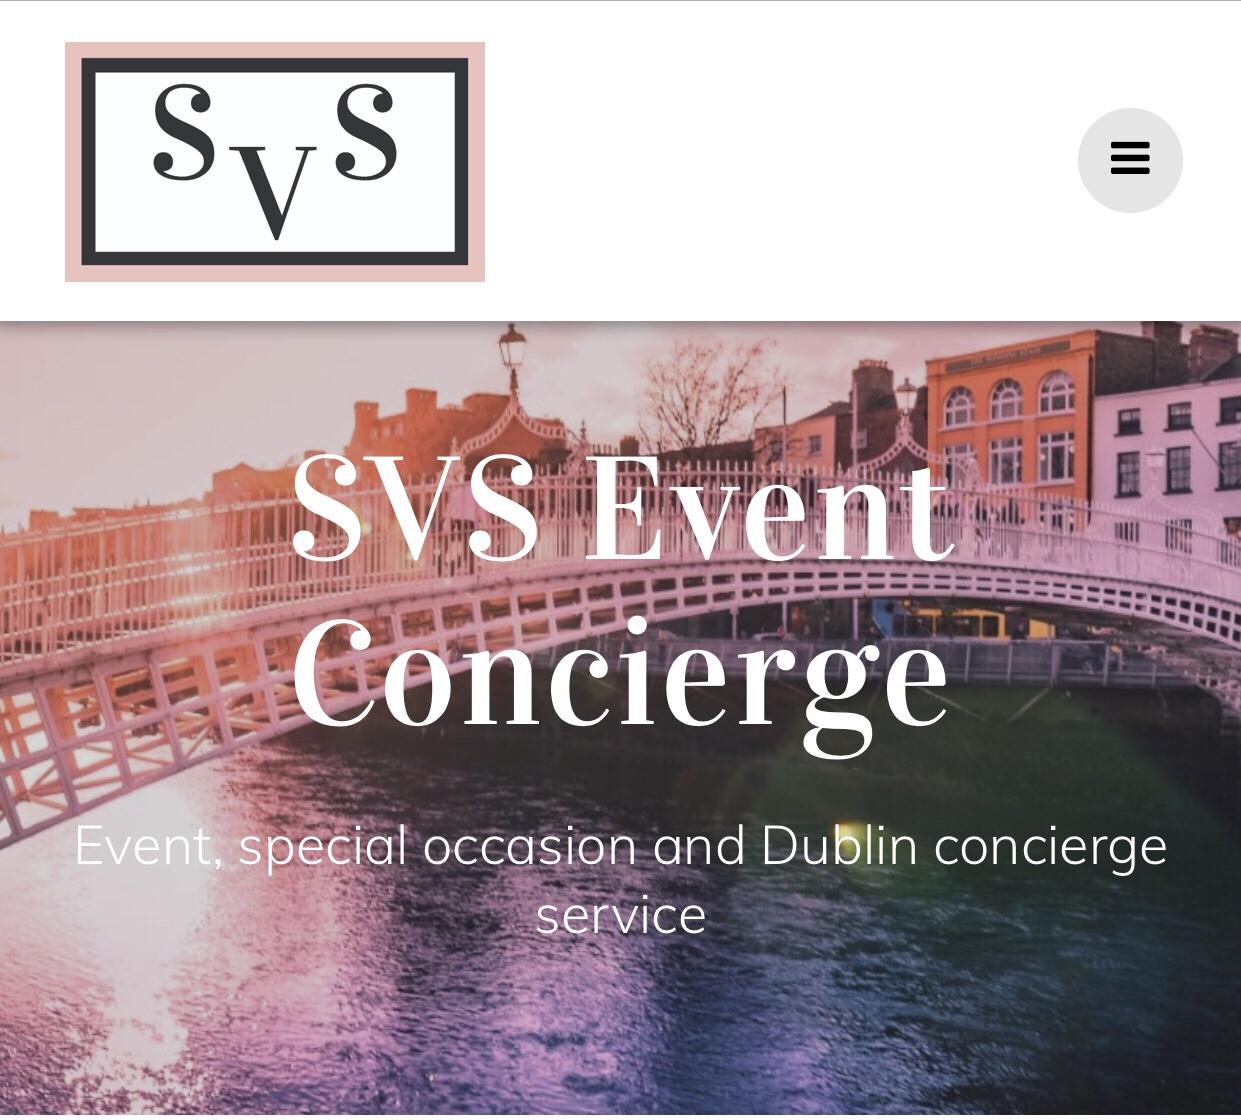 SVS Event Concierge website now live!